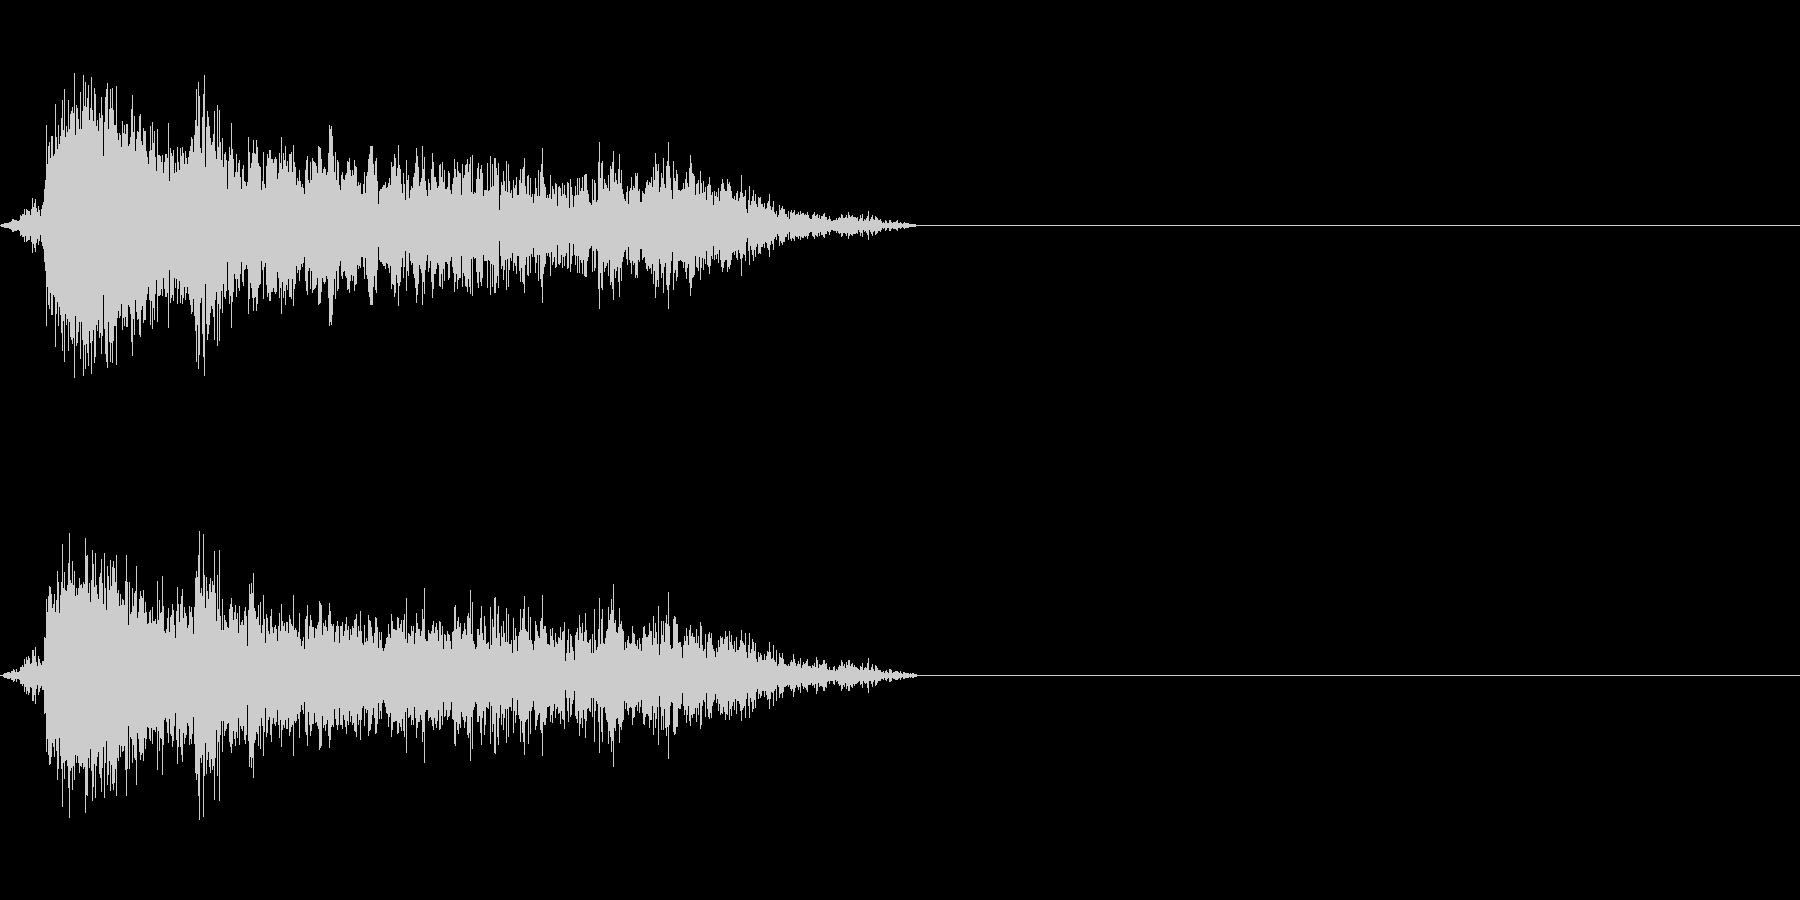 空気圧の音(ドアや工場などに)の未再生の波形